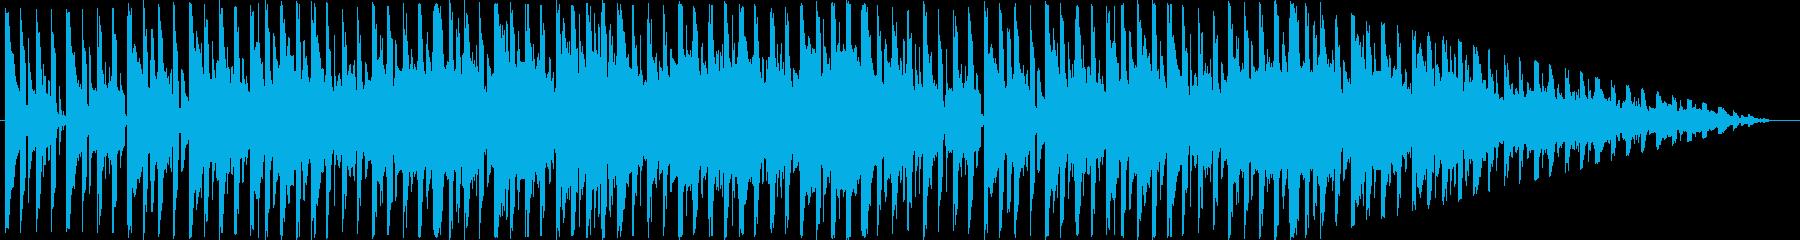 ポップ。ピンクフロイド。壁。の再生済みの波形